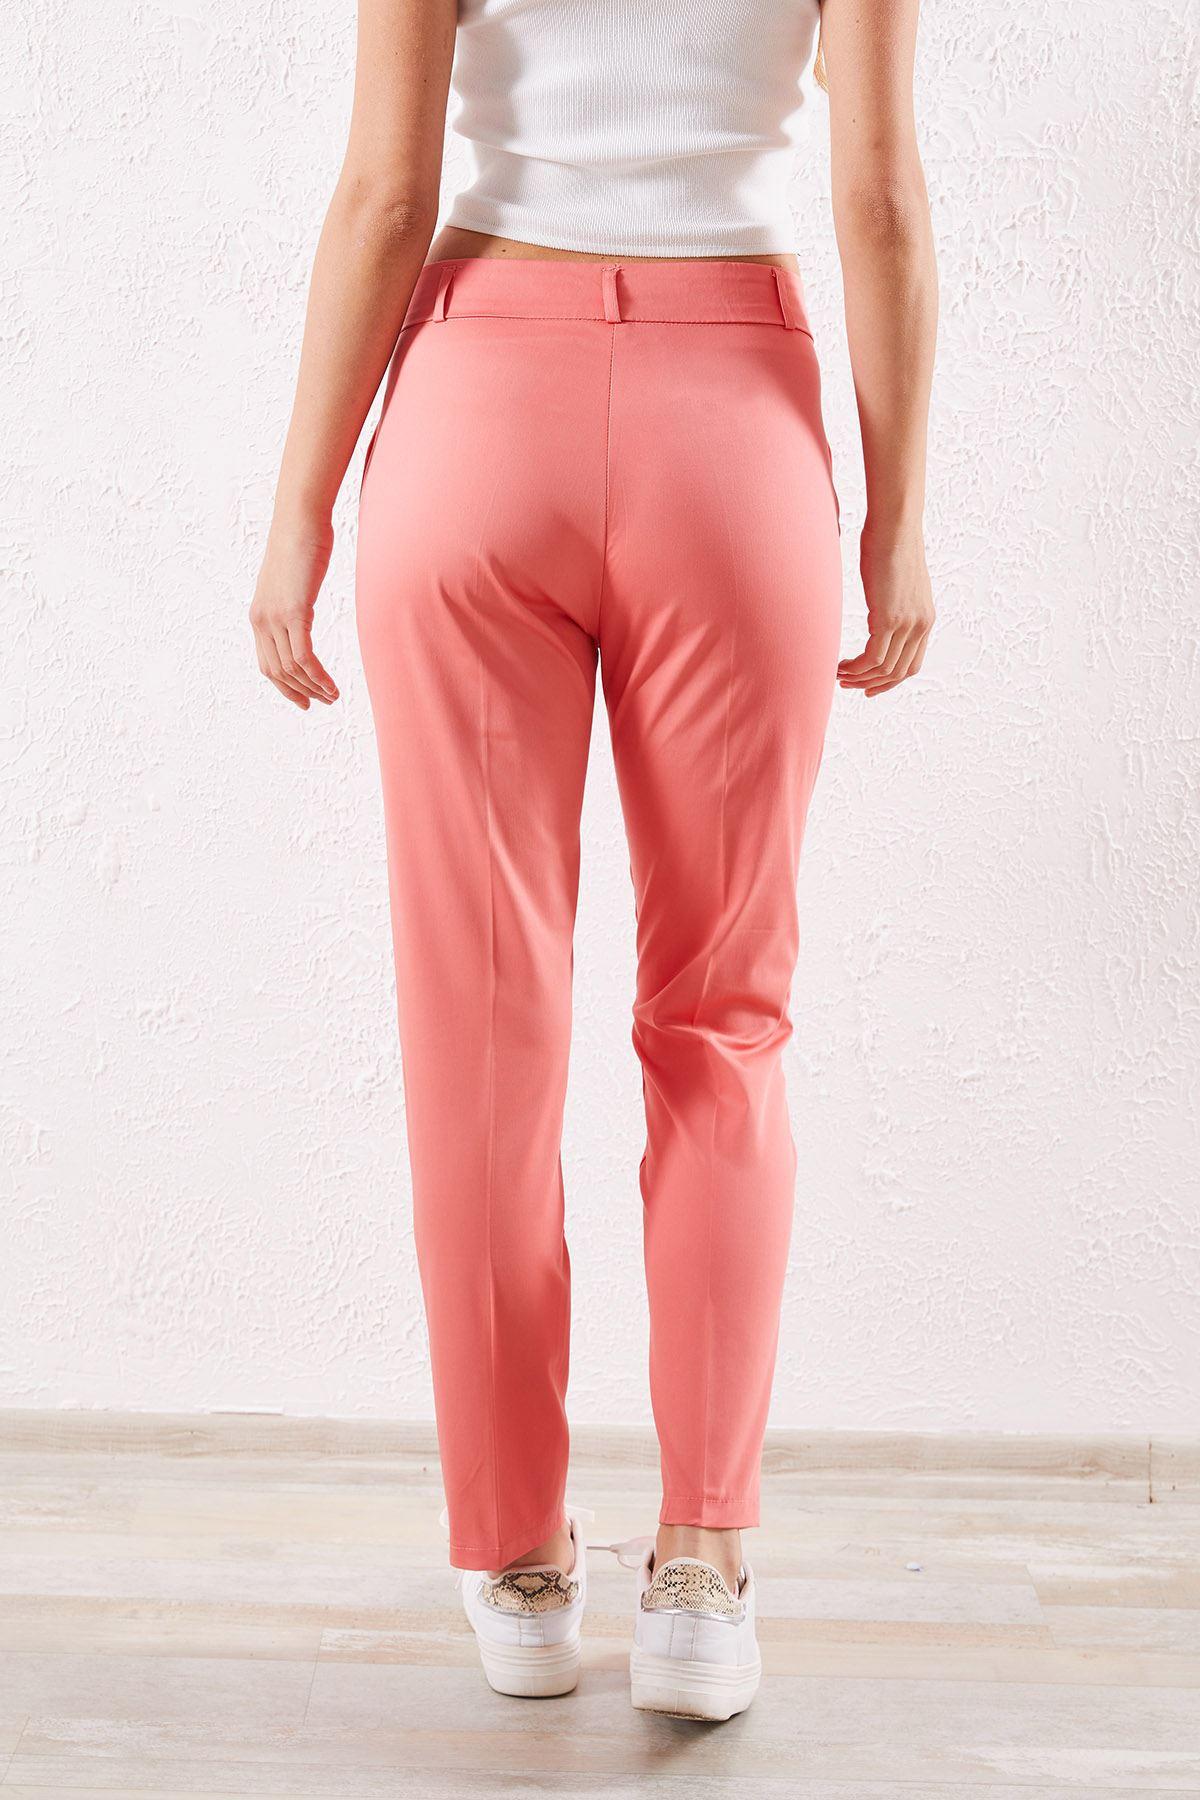 Kadın Kalem Somon Pantolon